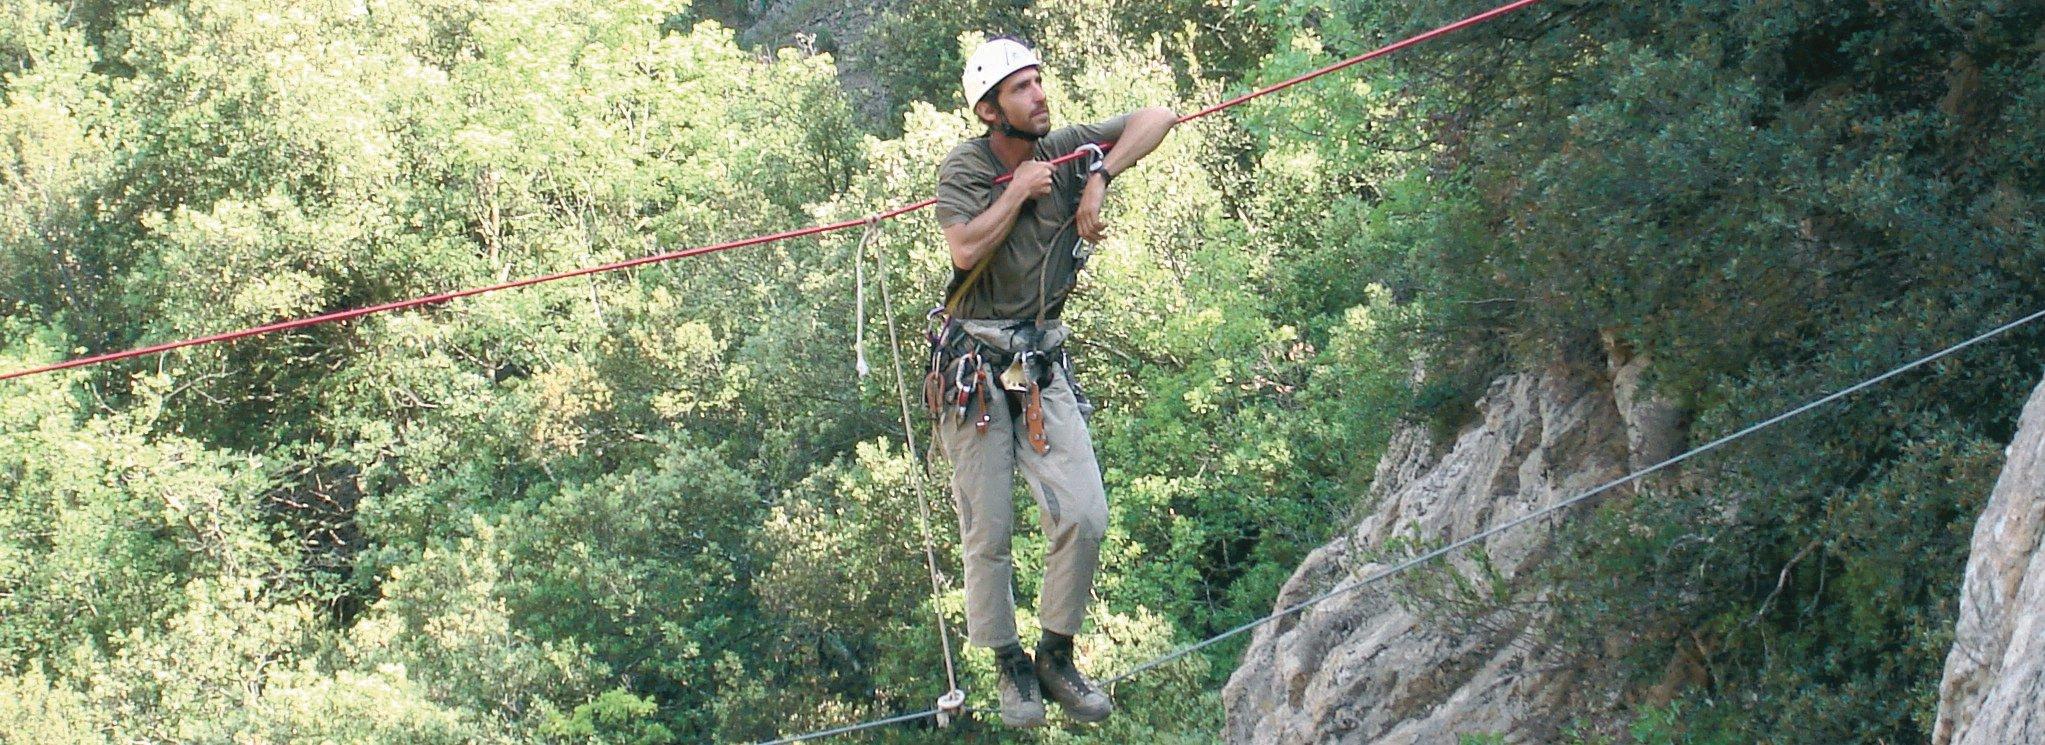 Bart RAYMAKERS - Parcours aventure, Réserve naturelle de Nohèdes